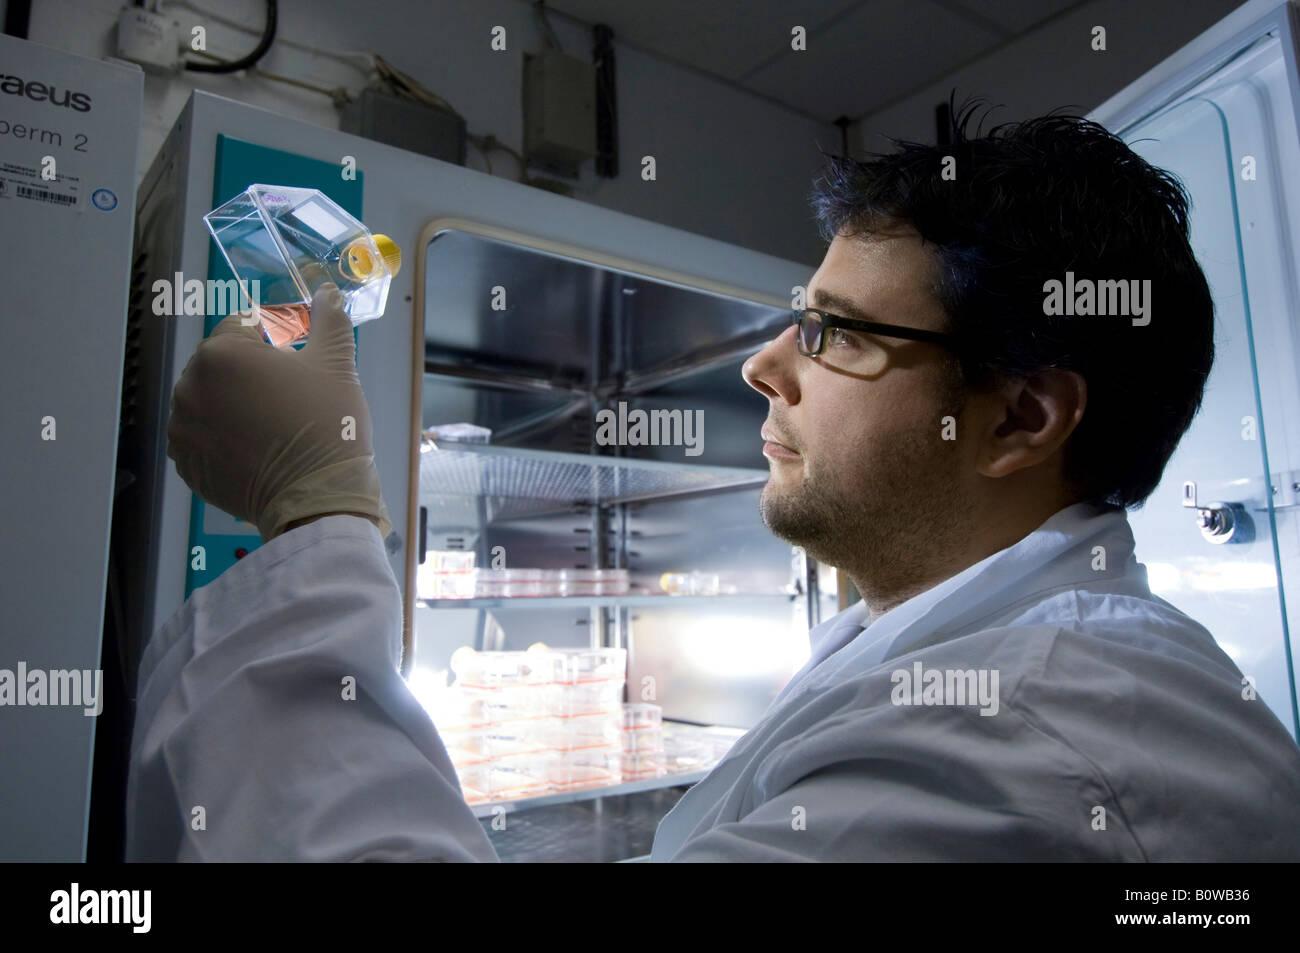 La ricerca sulle cellule staminali, Istituto Max Planck per la genetica molecolare, tecnico di laboratorio presso Immagini Stock